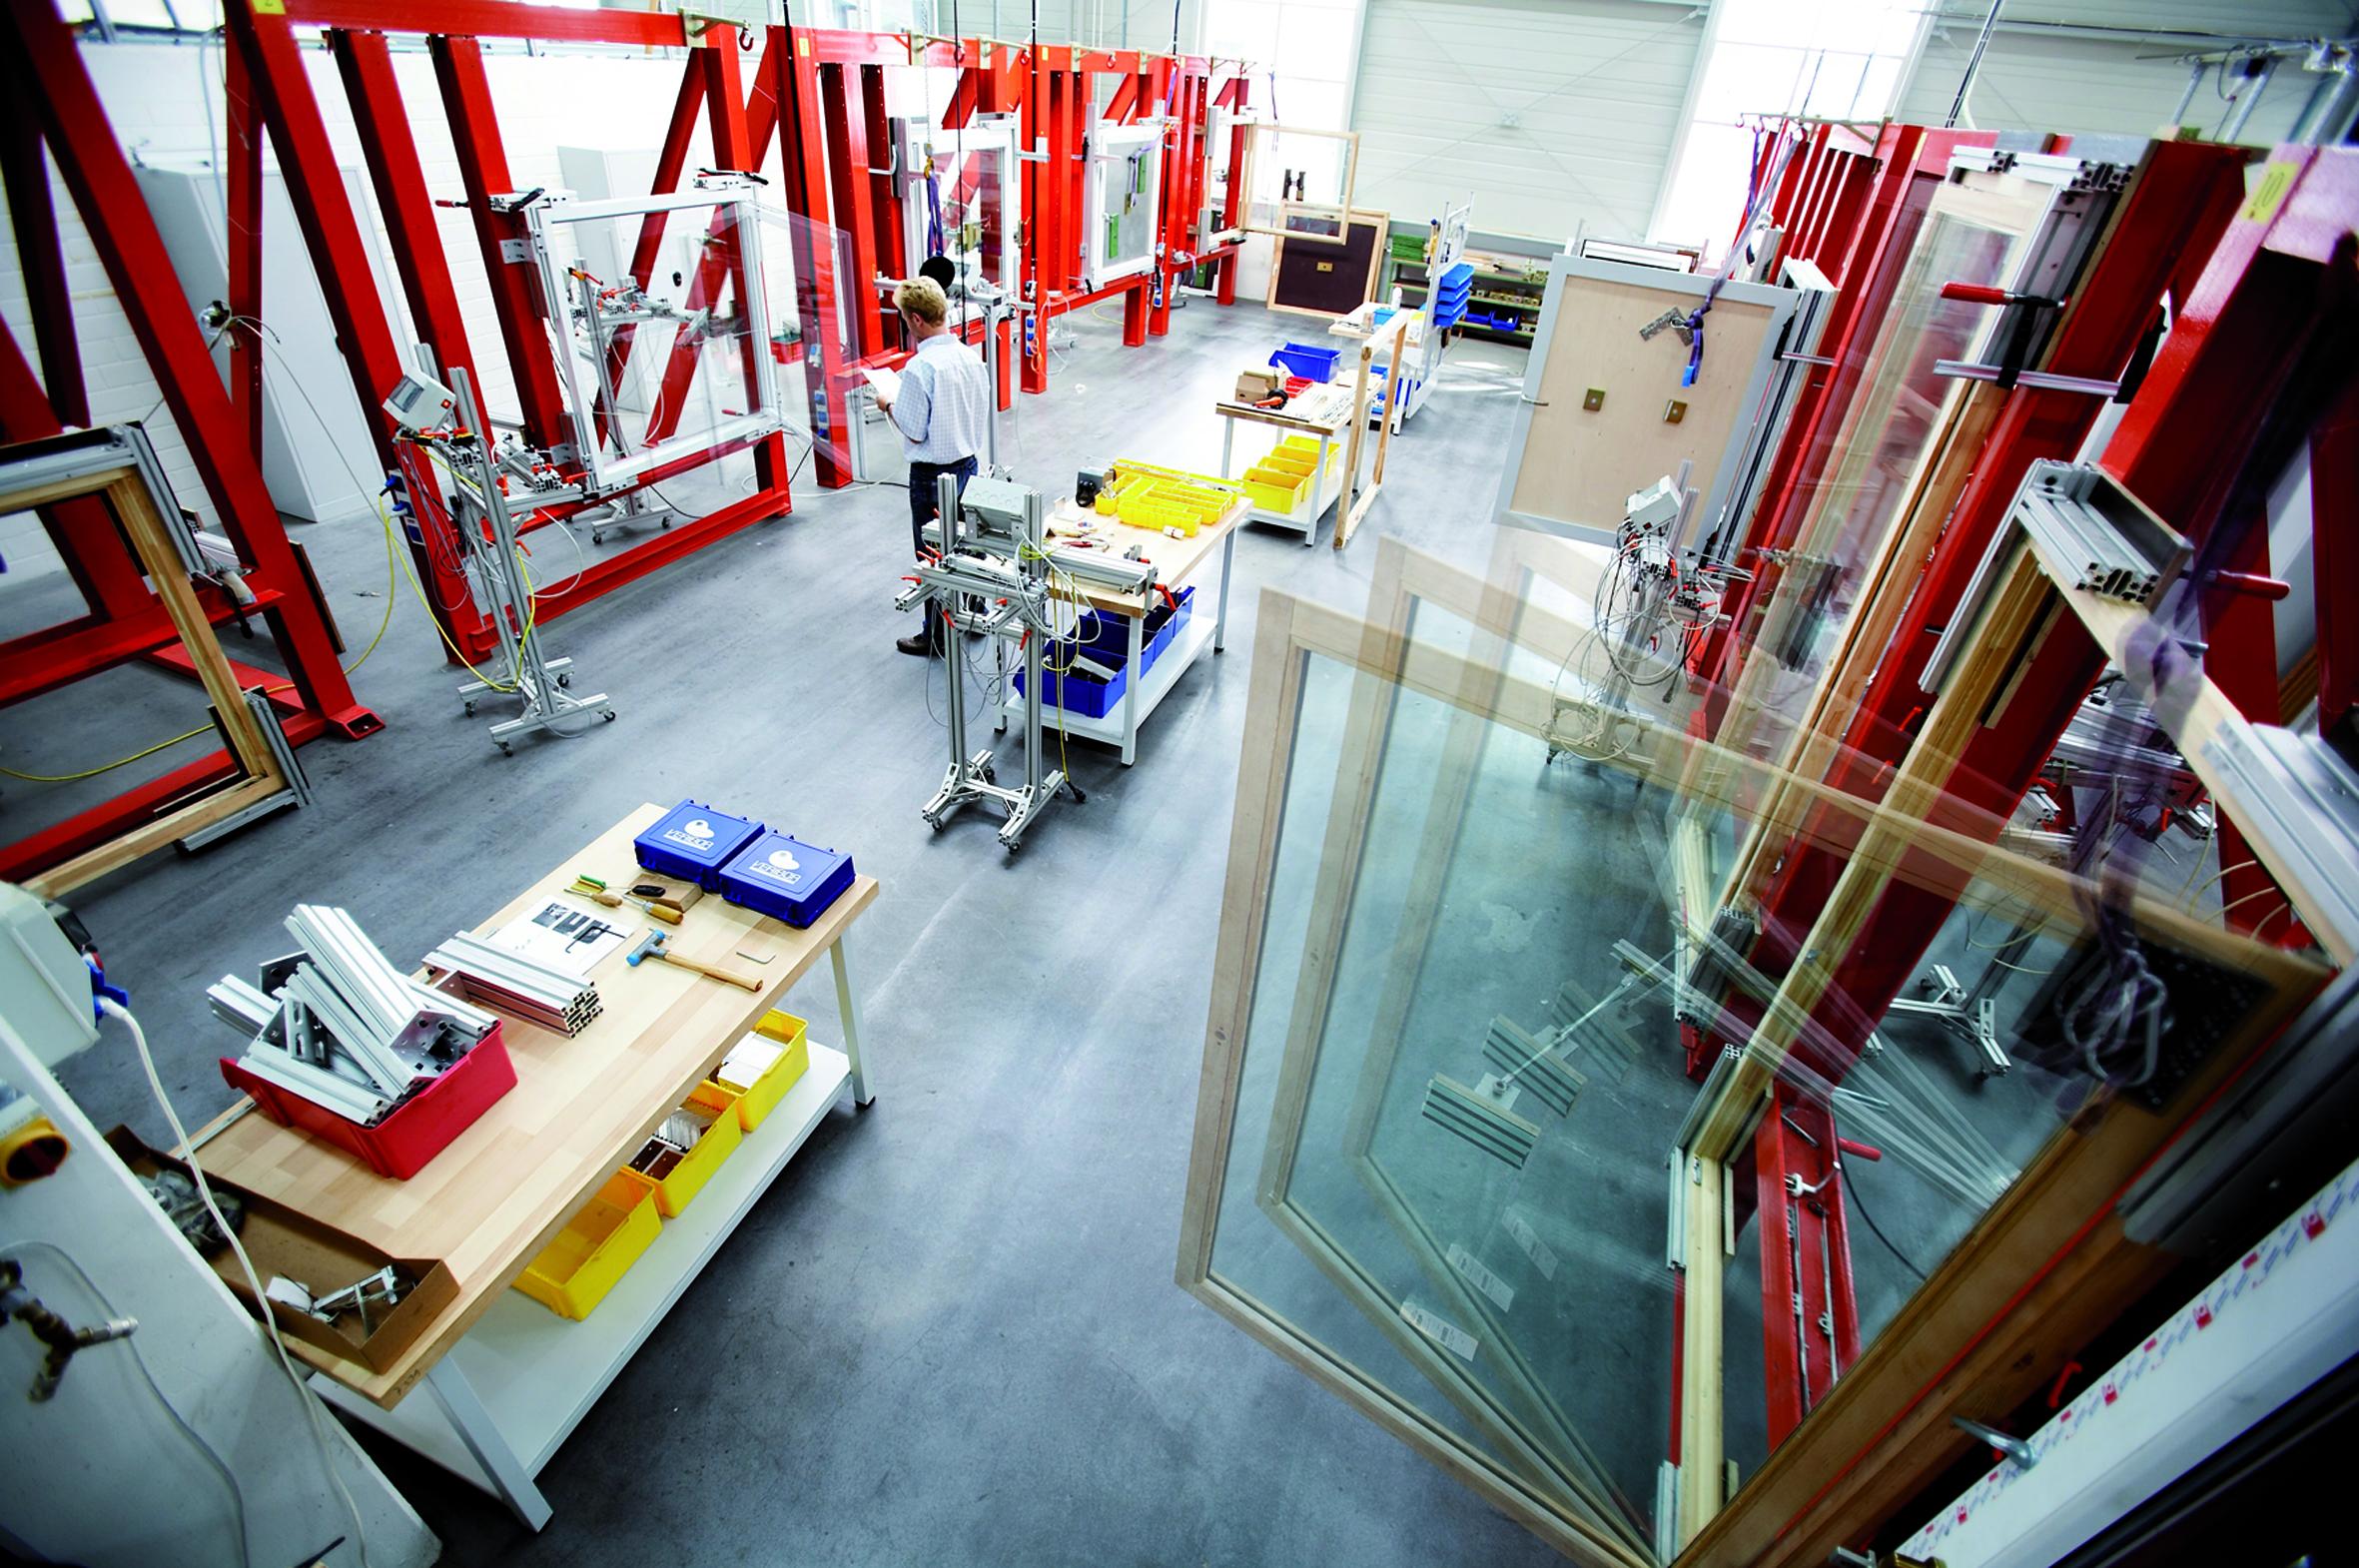 ведущий производитель фурнитуры для окон и дверей, Roto Frank